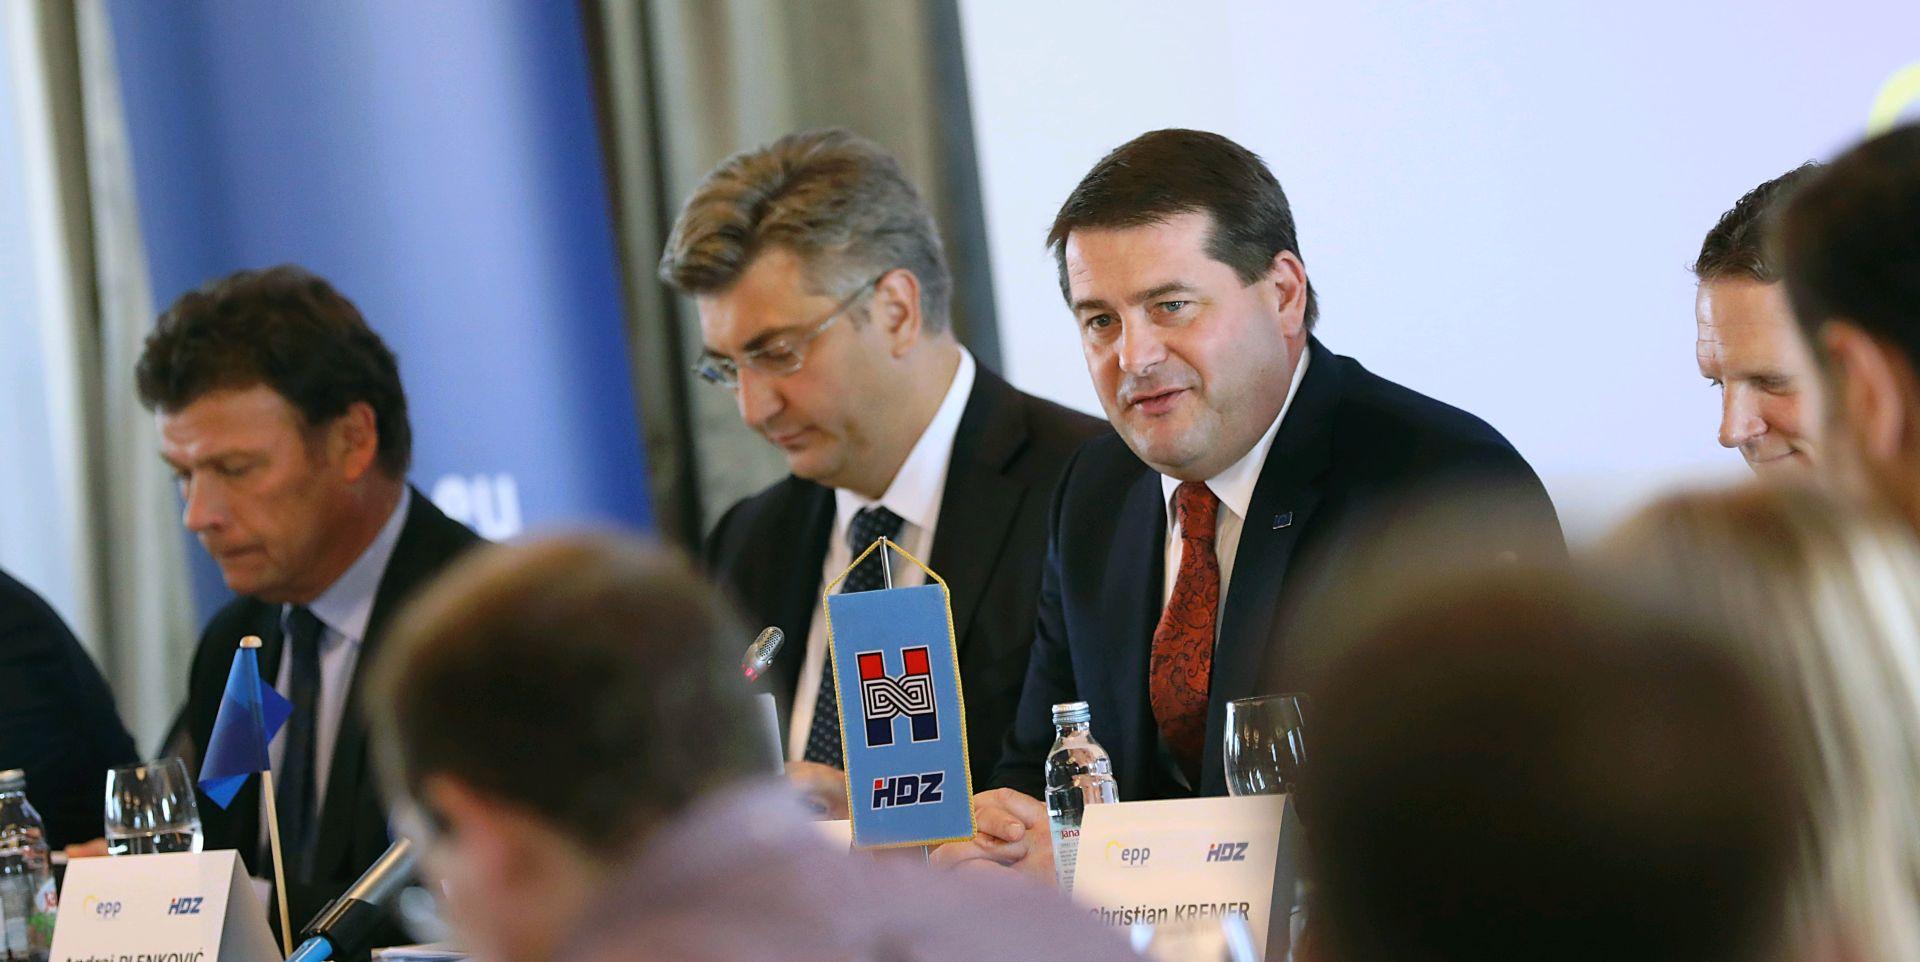 Dužnosnici EPP-a u Zagrebu započeli pripreme za izbore za Europski parlament 2019.